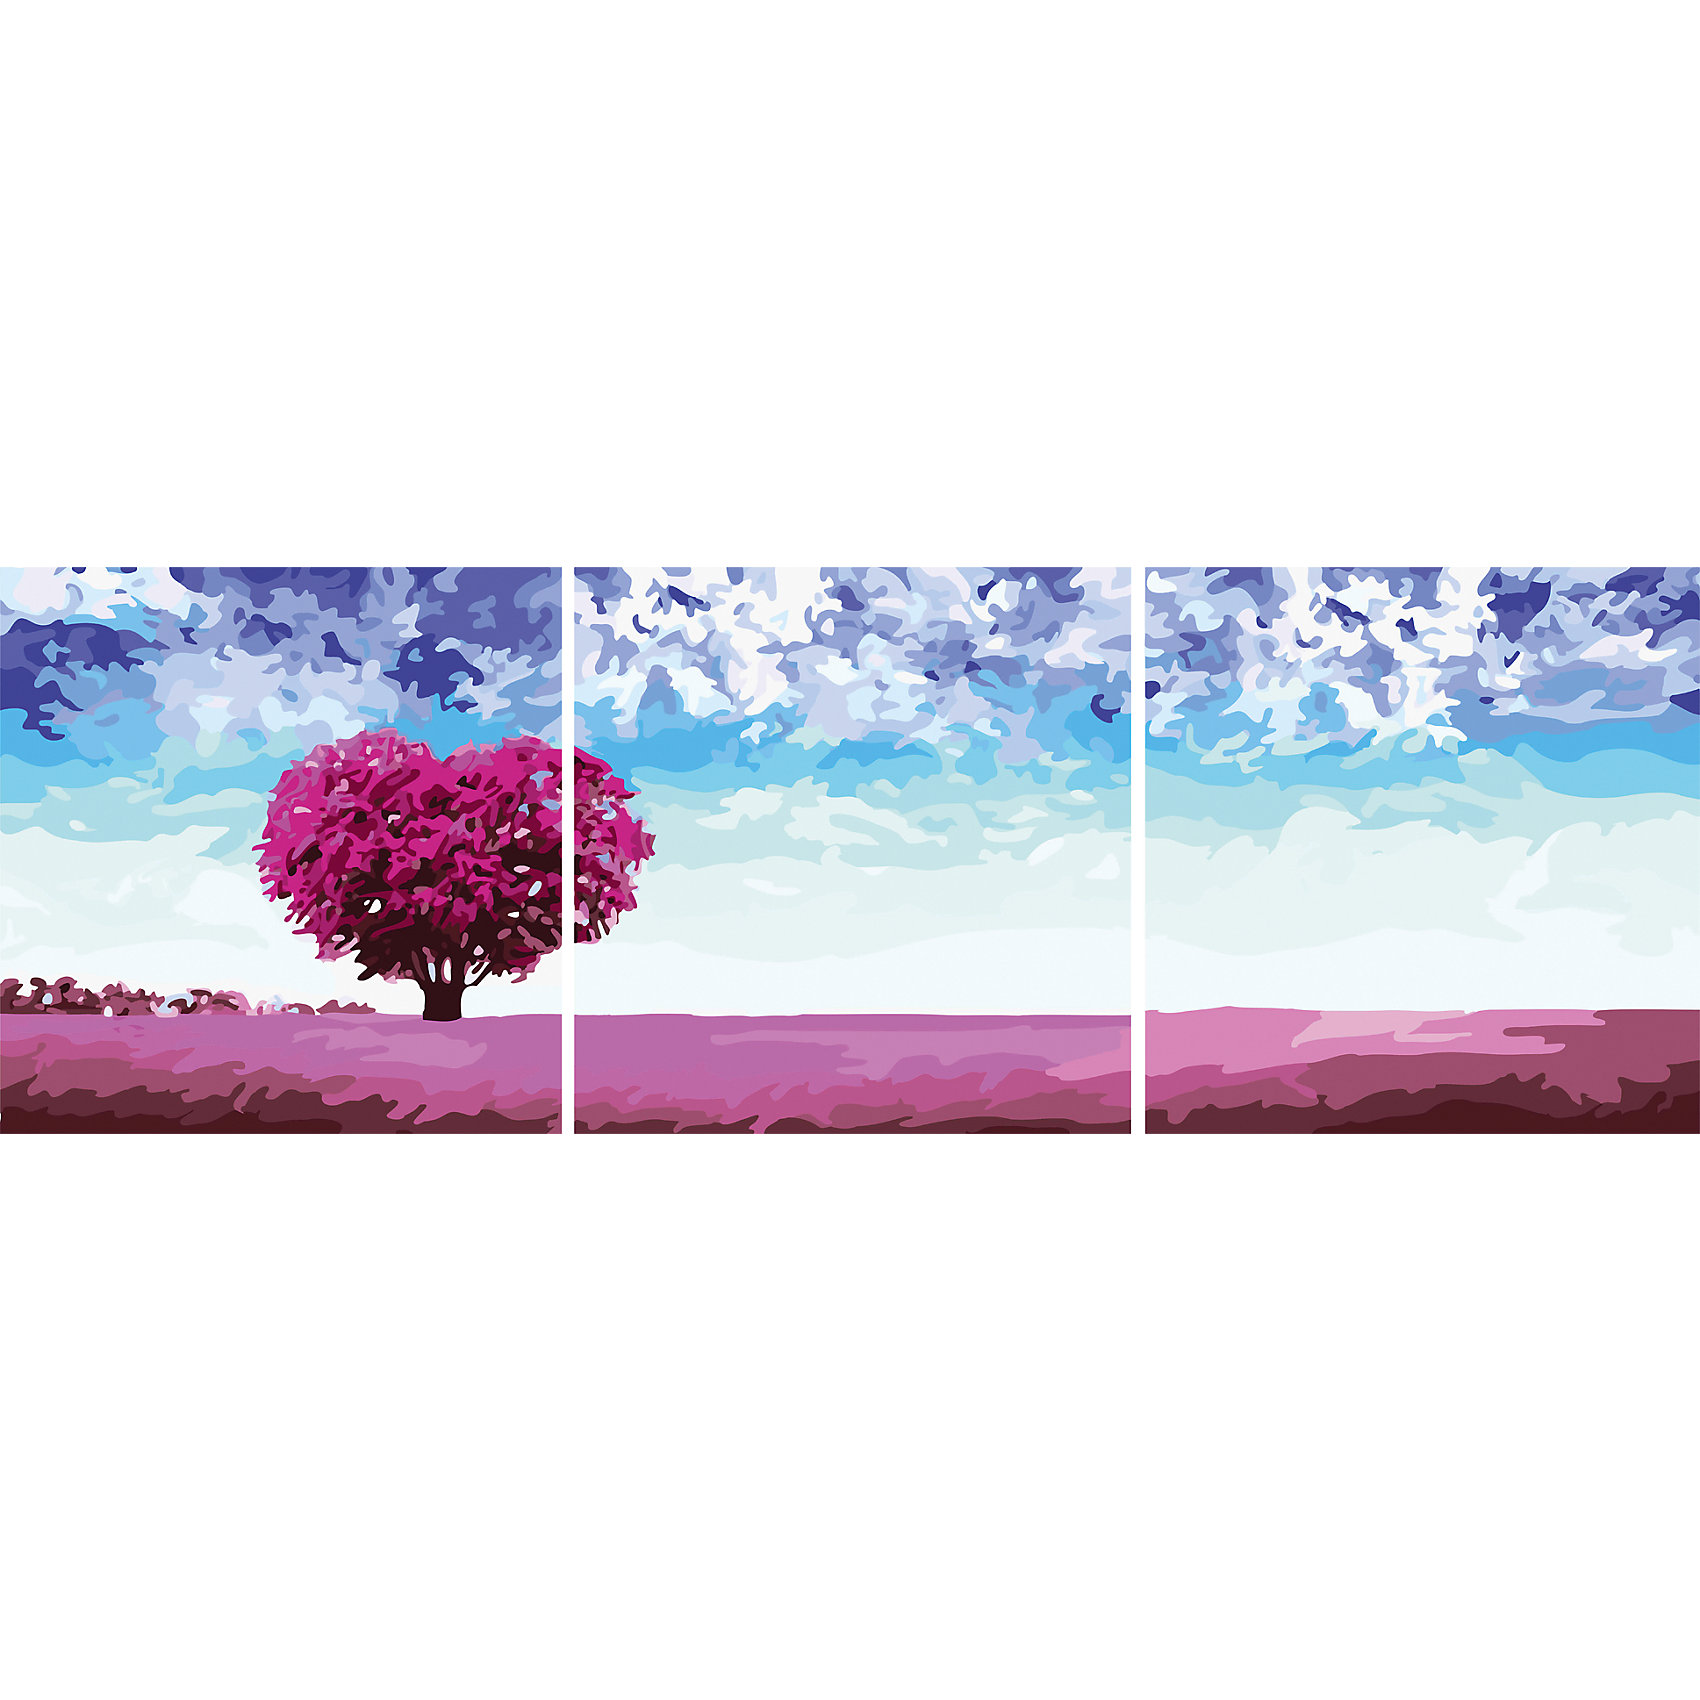 Роспись по номерам, триптих Пейзаж 50*50 см (3 картины в наборе)Роспись по номерам, триптих Пейзаж 50*50 см (3 картины в наборе)<br> <br> <br><br>В набор входит:<br>-3 холста с нанесенным, пронумерованным рисунком<br>-набор акриловых красок на водяной основе<br>-3 кисточки для рисования<br>-крепление для подвешивания картины<br>-запасной чистый лист<br>-инструкция<br><br>Характеристика:<br>-Размер: 50х50 см<br>-Изображение: пейзаж<br><br>Роспись по номерам, триптих Пейзаж 50*50 см (3 картины в наборе) - это интересное решение для украшения вашего интерьера. К рисованию можно приобщить и детей. Благодаря нумеровке на холсте, у ребёнка не возникнет особых затруднений, особенно с вашей помощью. Нарисовав картину, вы сможете повесить её в любое место с помощью крепления, прилагающемуся вместе с картинами. Благодаря качеству акриловых красок, ваша картина не потускнеет со временем и будет радовать вас долгое время.<br><br>Роспись по номерам, триптих Пейзаж 50*50 см (3 картины в наборе) можно приобрести в нашем интернет-магазине.<br><br>Ширина мм: 520<br>Глубина мм: 520<br>Высота мм: 50<br>Вес г: 900<br>Возраст от месяцев: 36<br>Возраст до месяцев: 2147483647<br>Пол: Унисекс<br>Возраст: Детский<br>SKU: 5117355